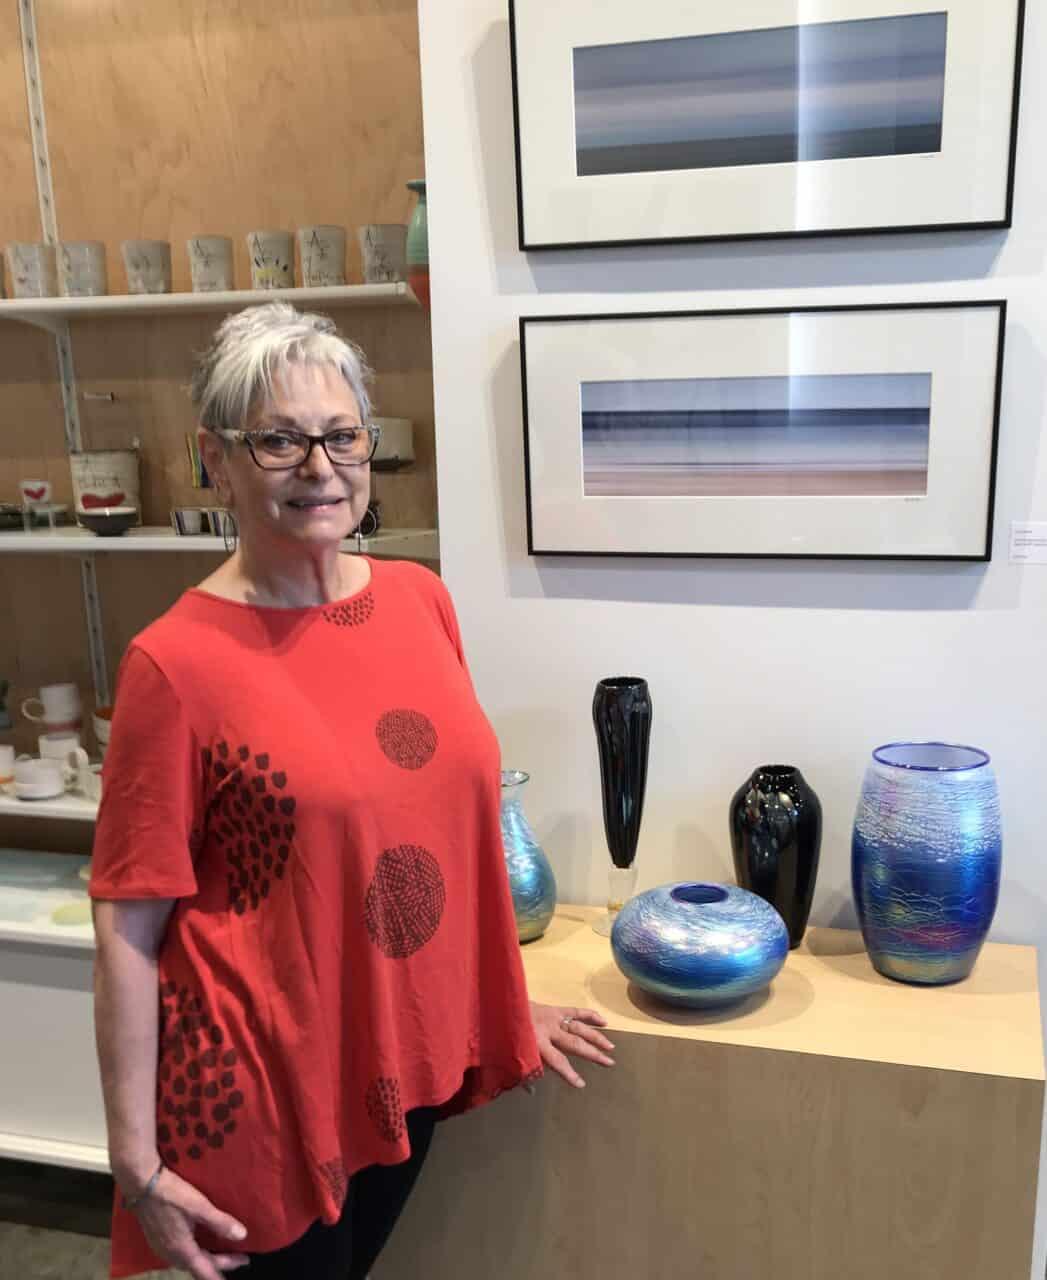 Gail Snitkoff